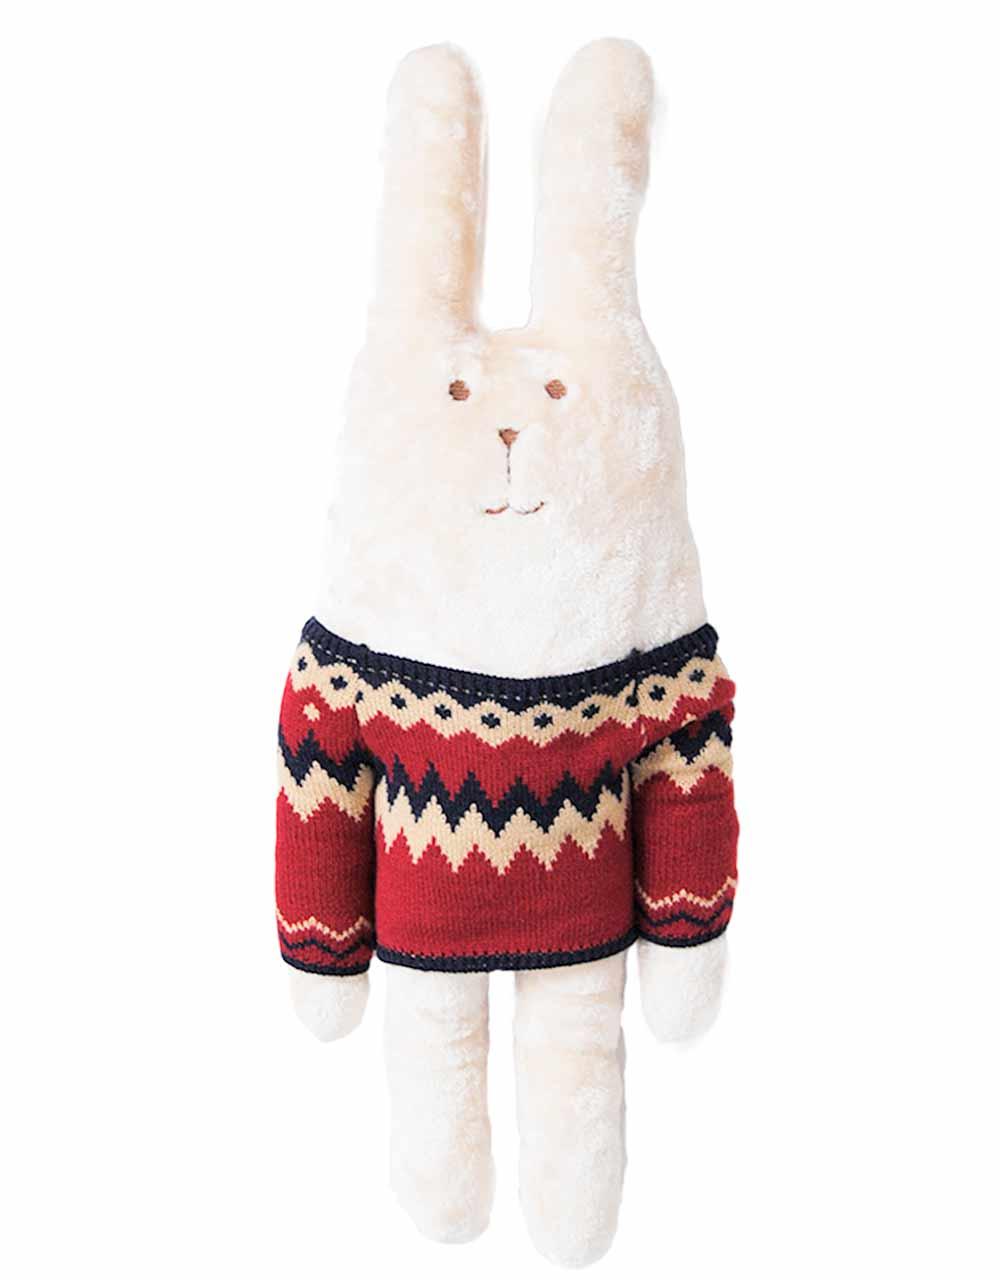 Купить Животные, заяц, Мягкая игрушка Craftholic заяц в свитере Nordic RAB, M, Мягкие игрушки животные